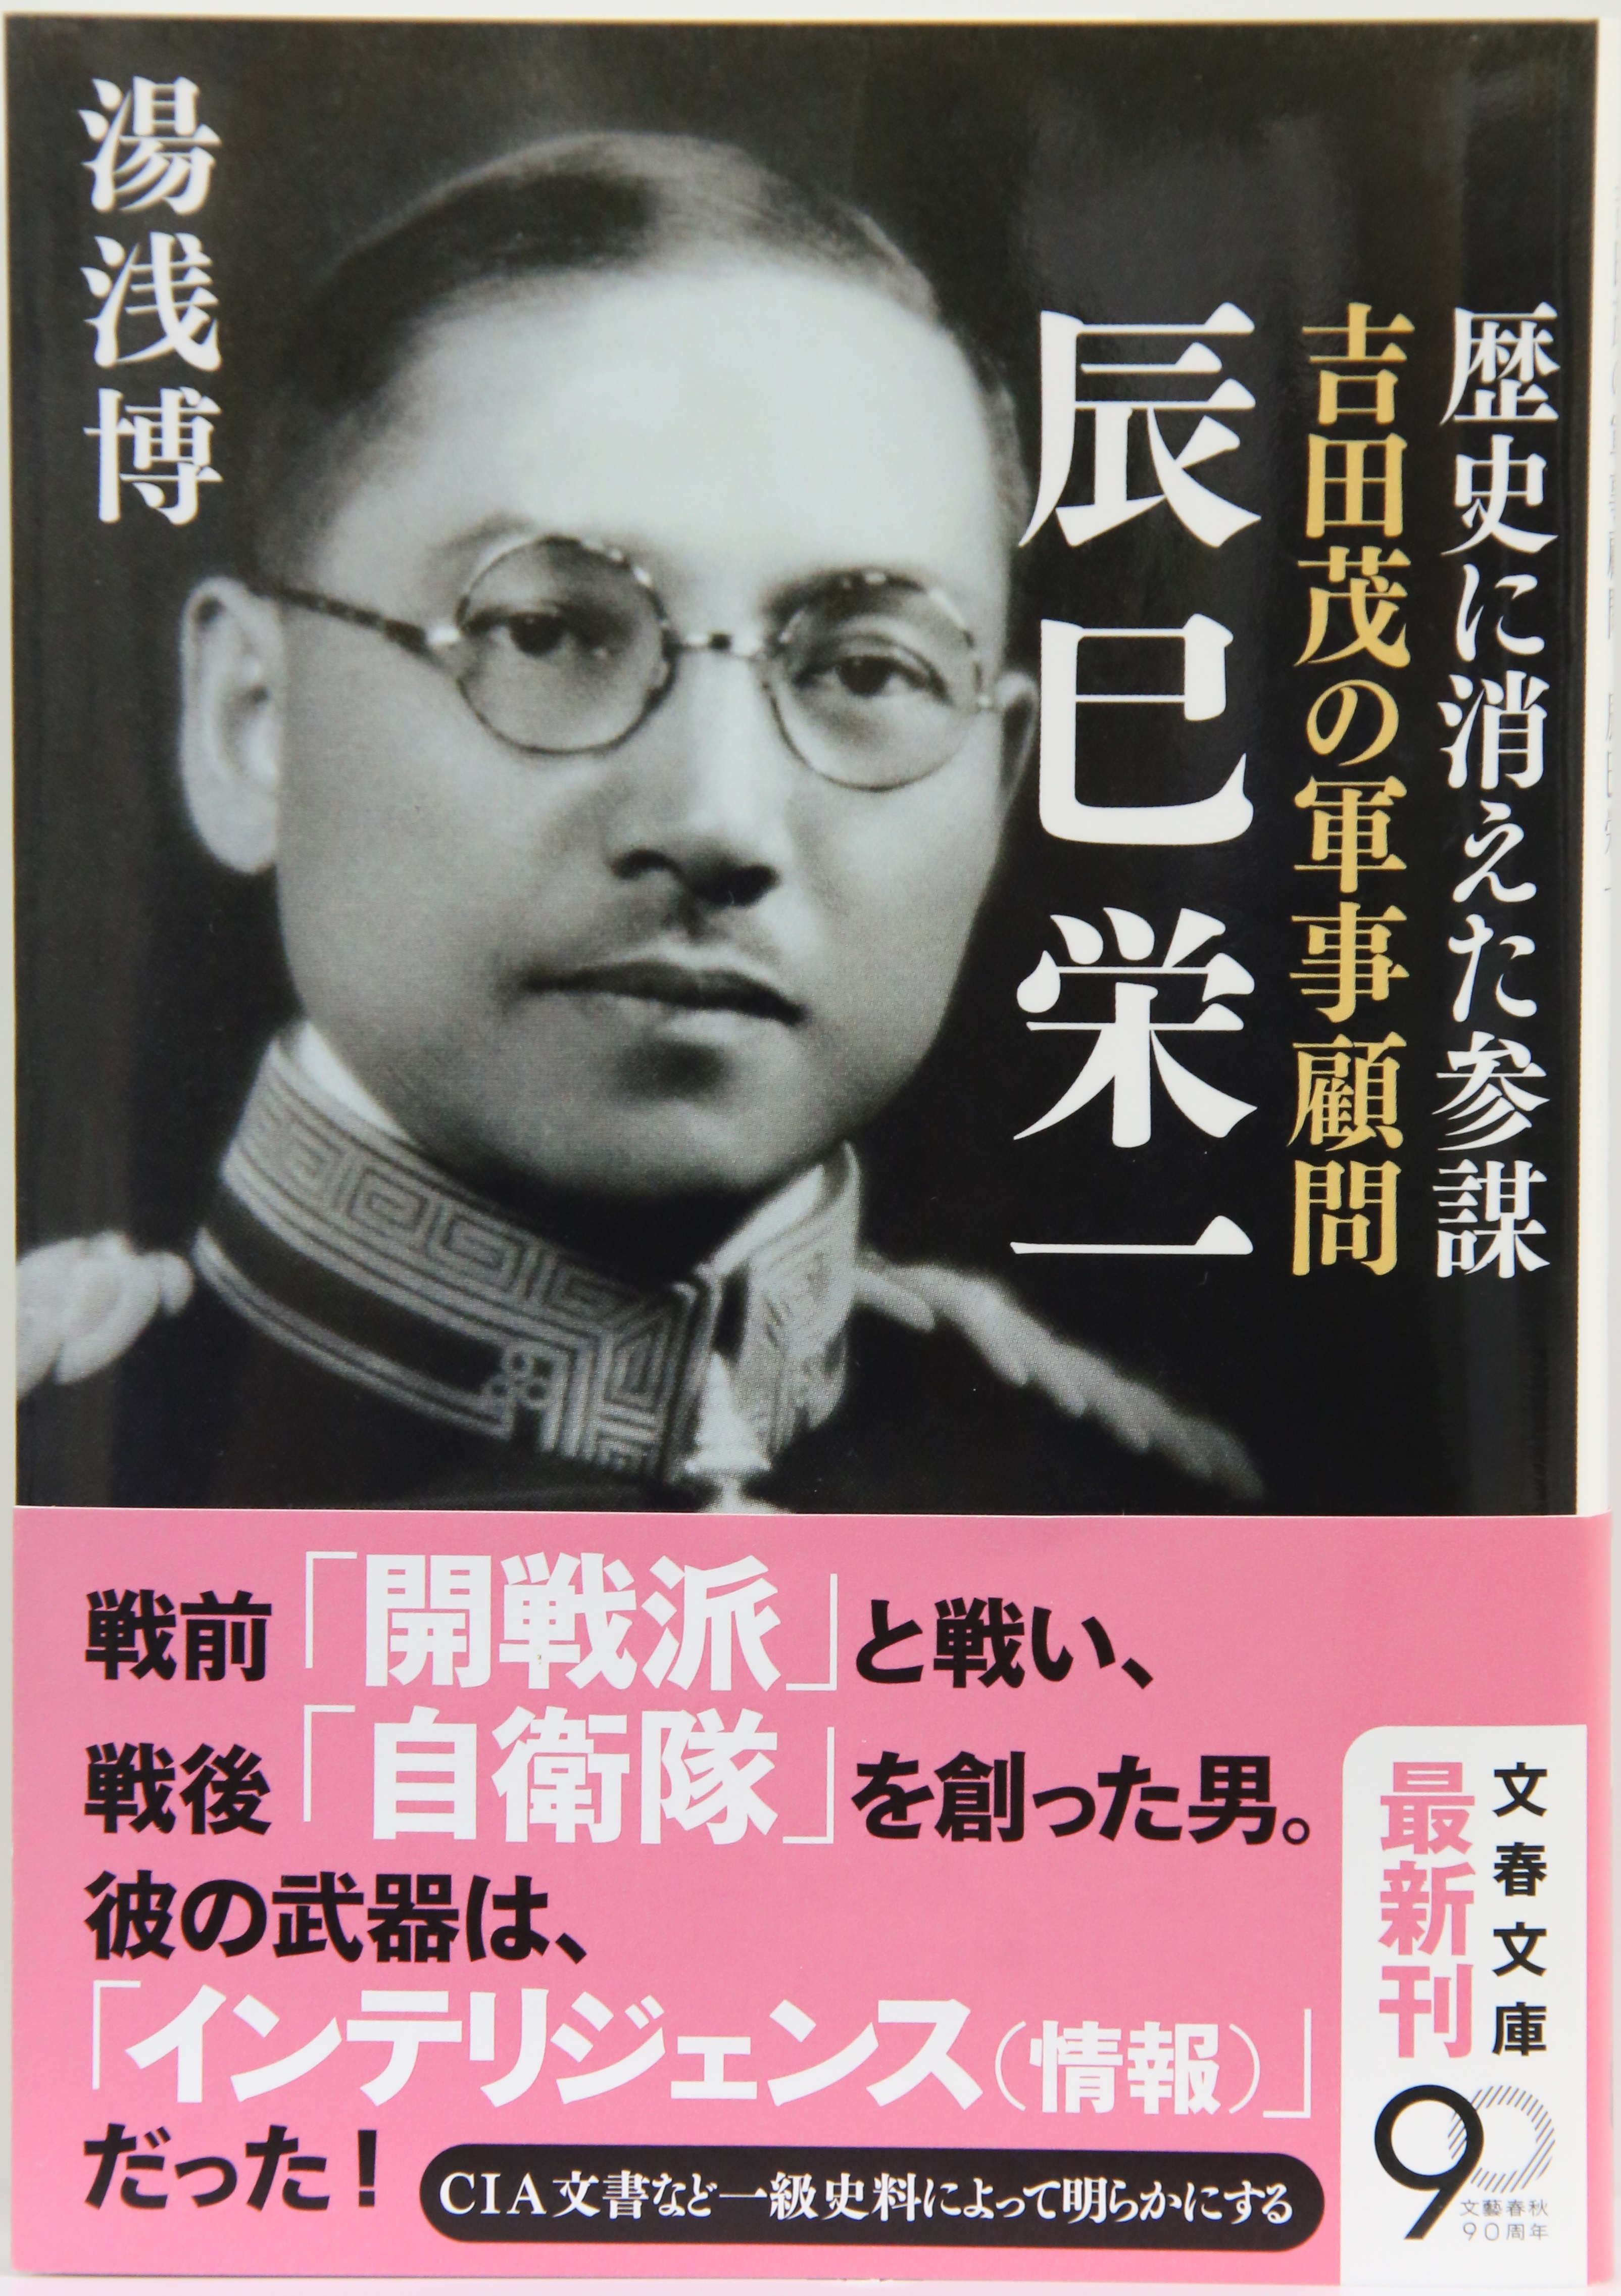 【自著自賛】 歴史に消えた参謀 吉田茂の軍事顧問 辰巳栄一